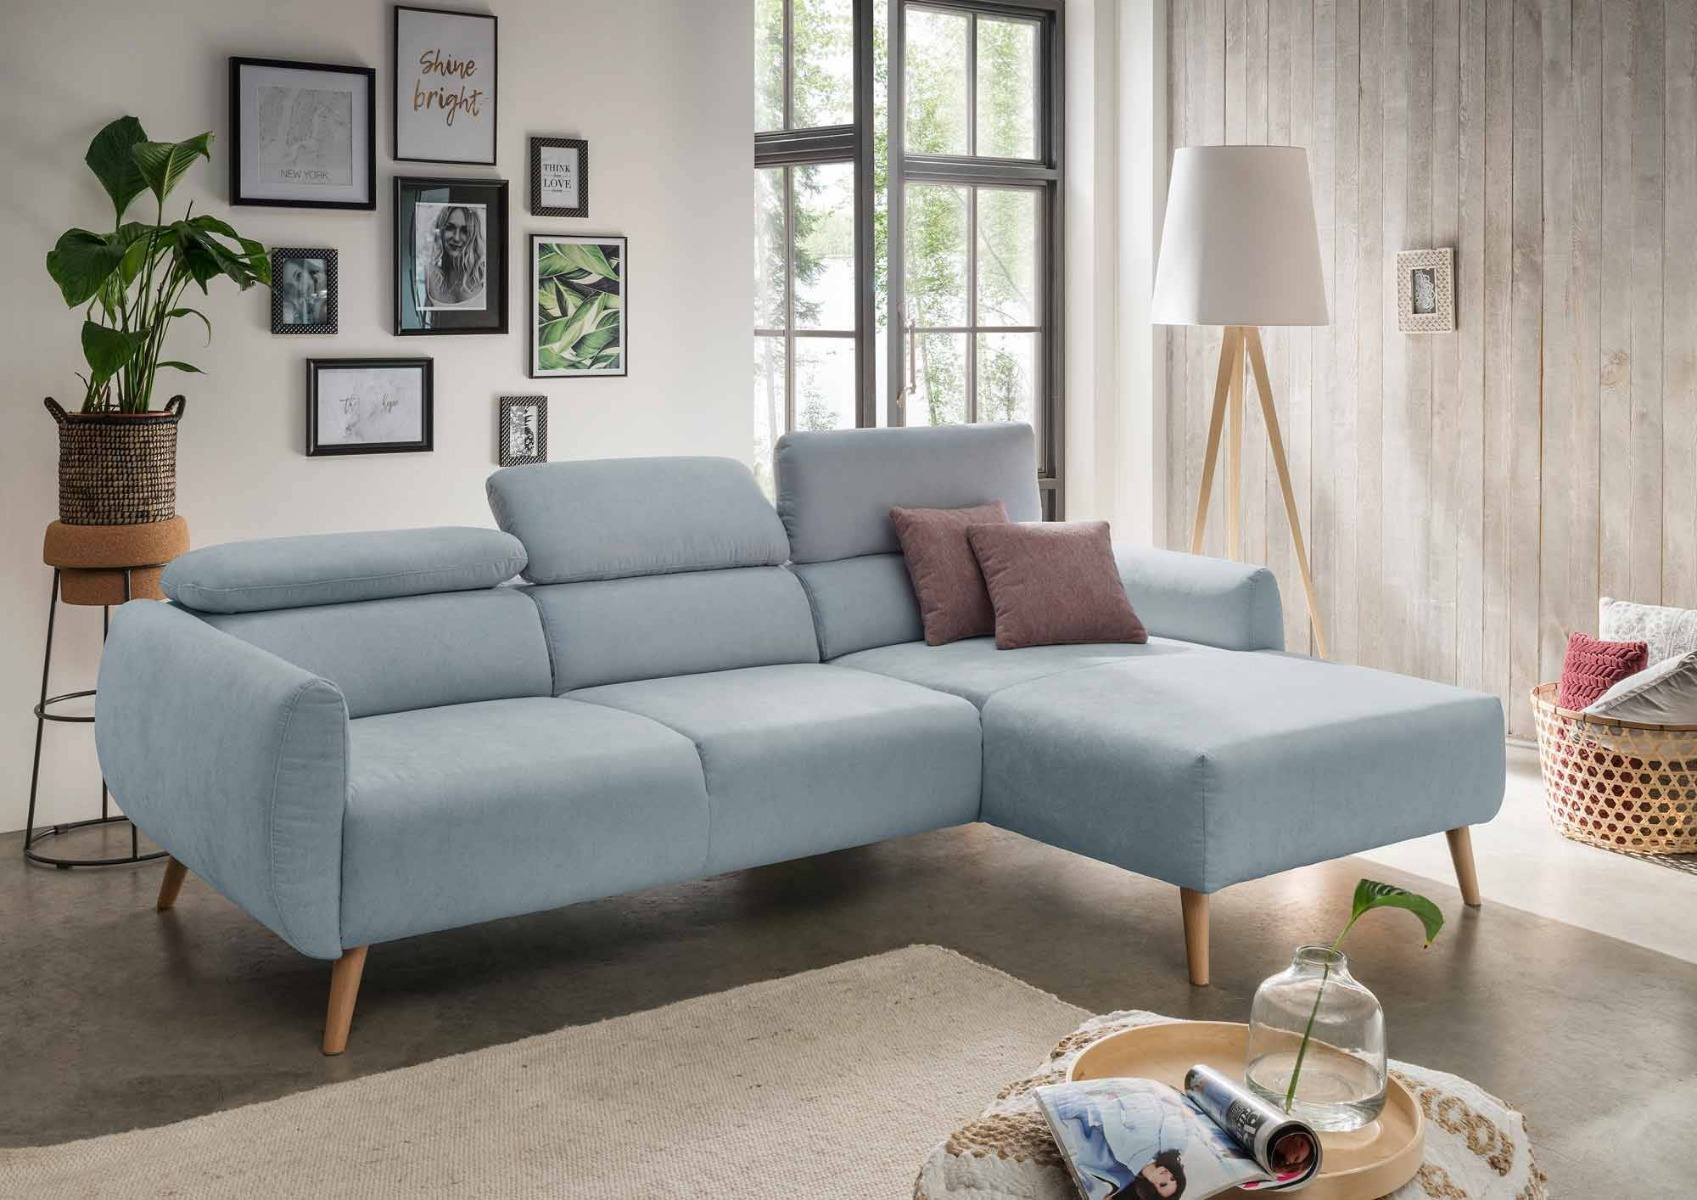 Das Bild zeigt ein Sofa im skandinavischen Stil.